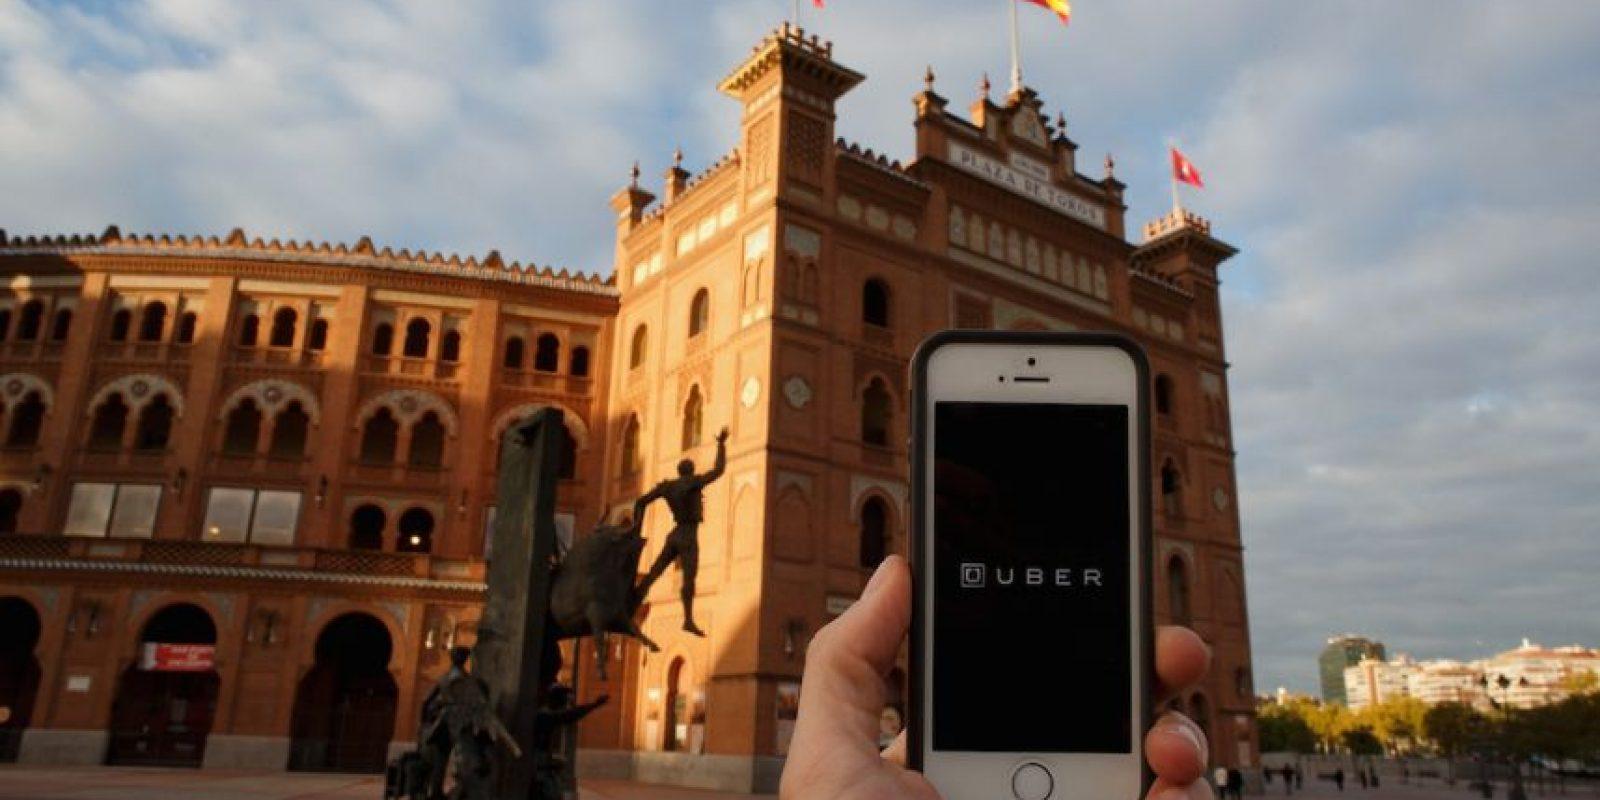 Existen cuatro tipos de autos: UberX, UberXL, UberBLACK y UberSUV, cada uno tiene diferente capacidad y diferente tarifa. Foto:Getty Images